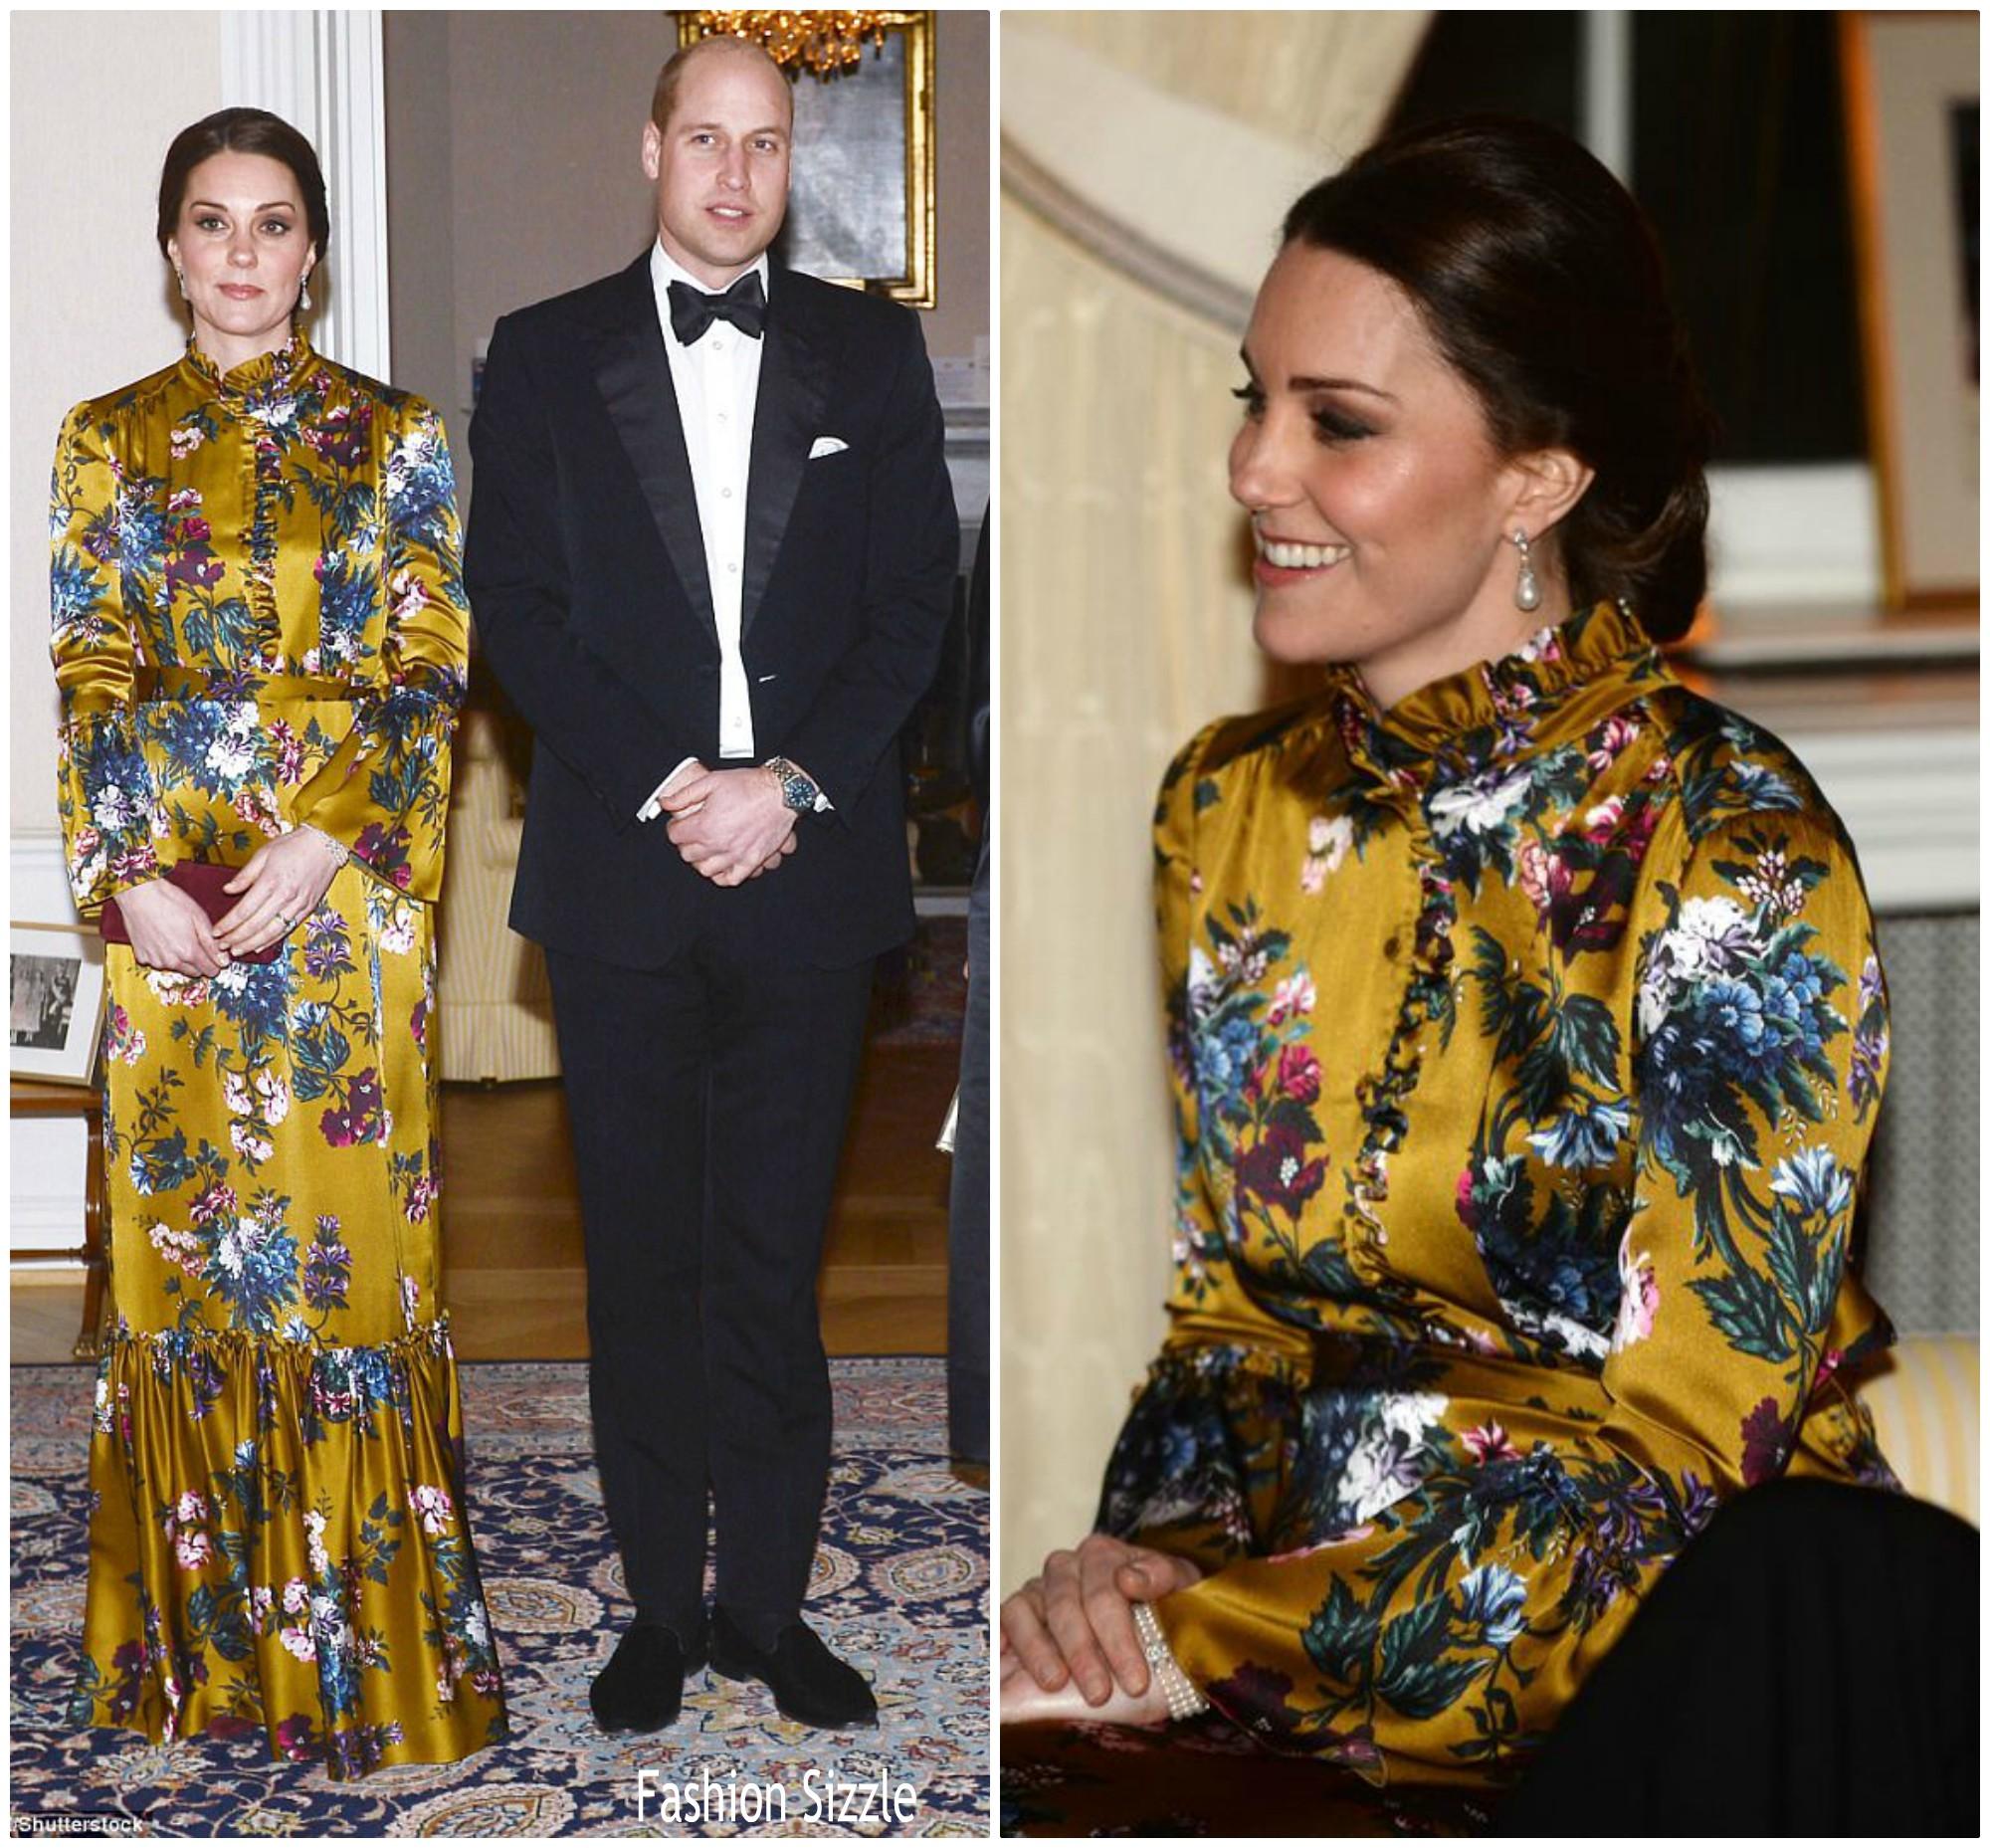 duchess-of-cambridge-in-erdem-black-tie-dinner-in-sweden